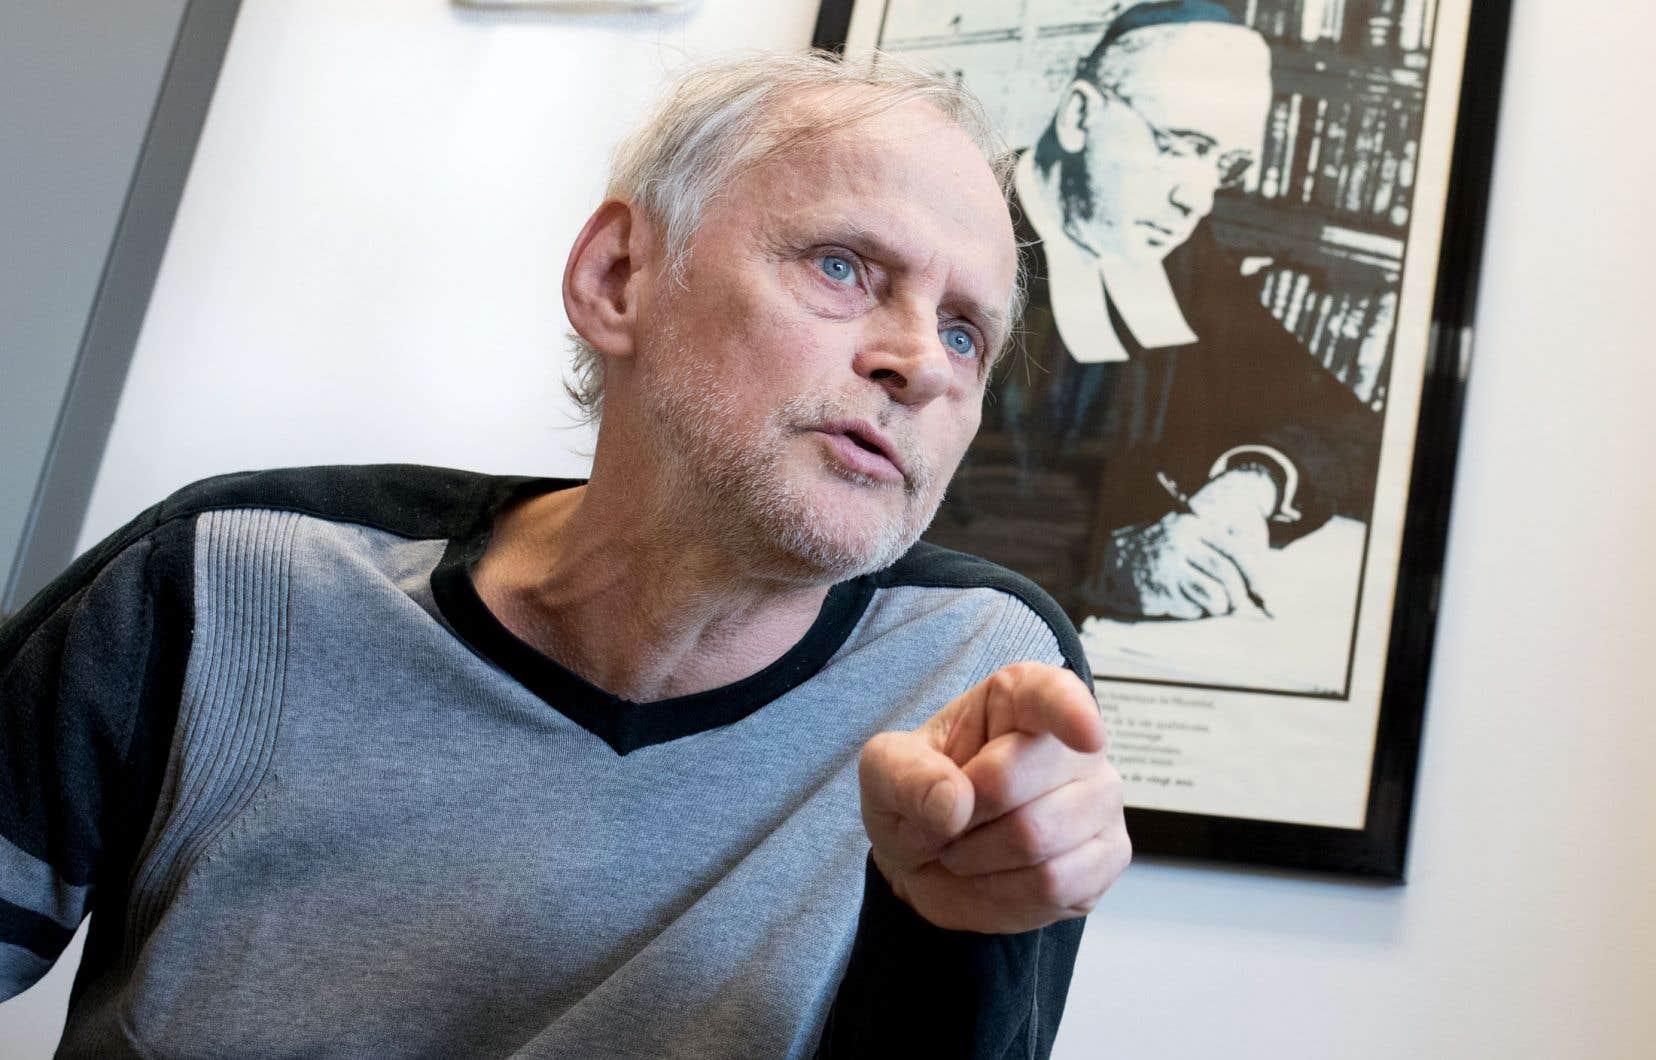 Le professeur et historien spécialisé dans la sociologie des sciences Yves Gingras travaille présentement à une biographie du frère Marie-Victorin.